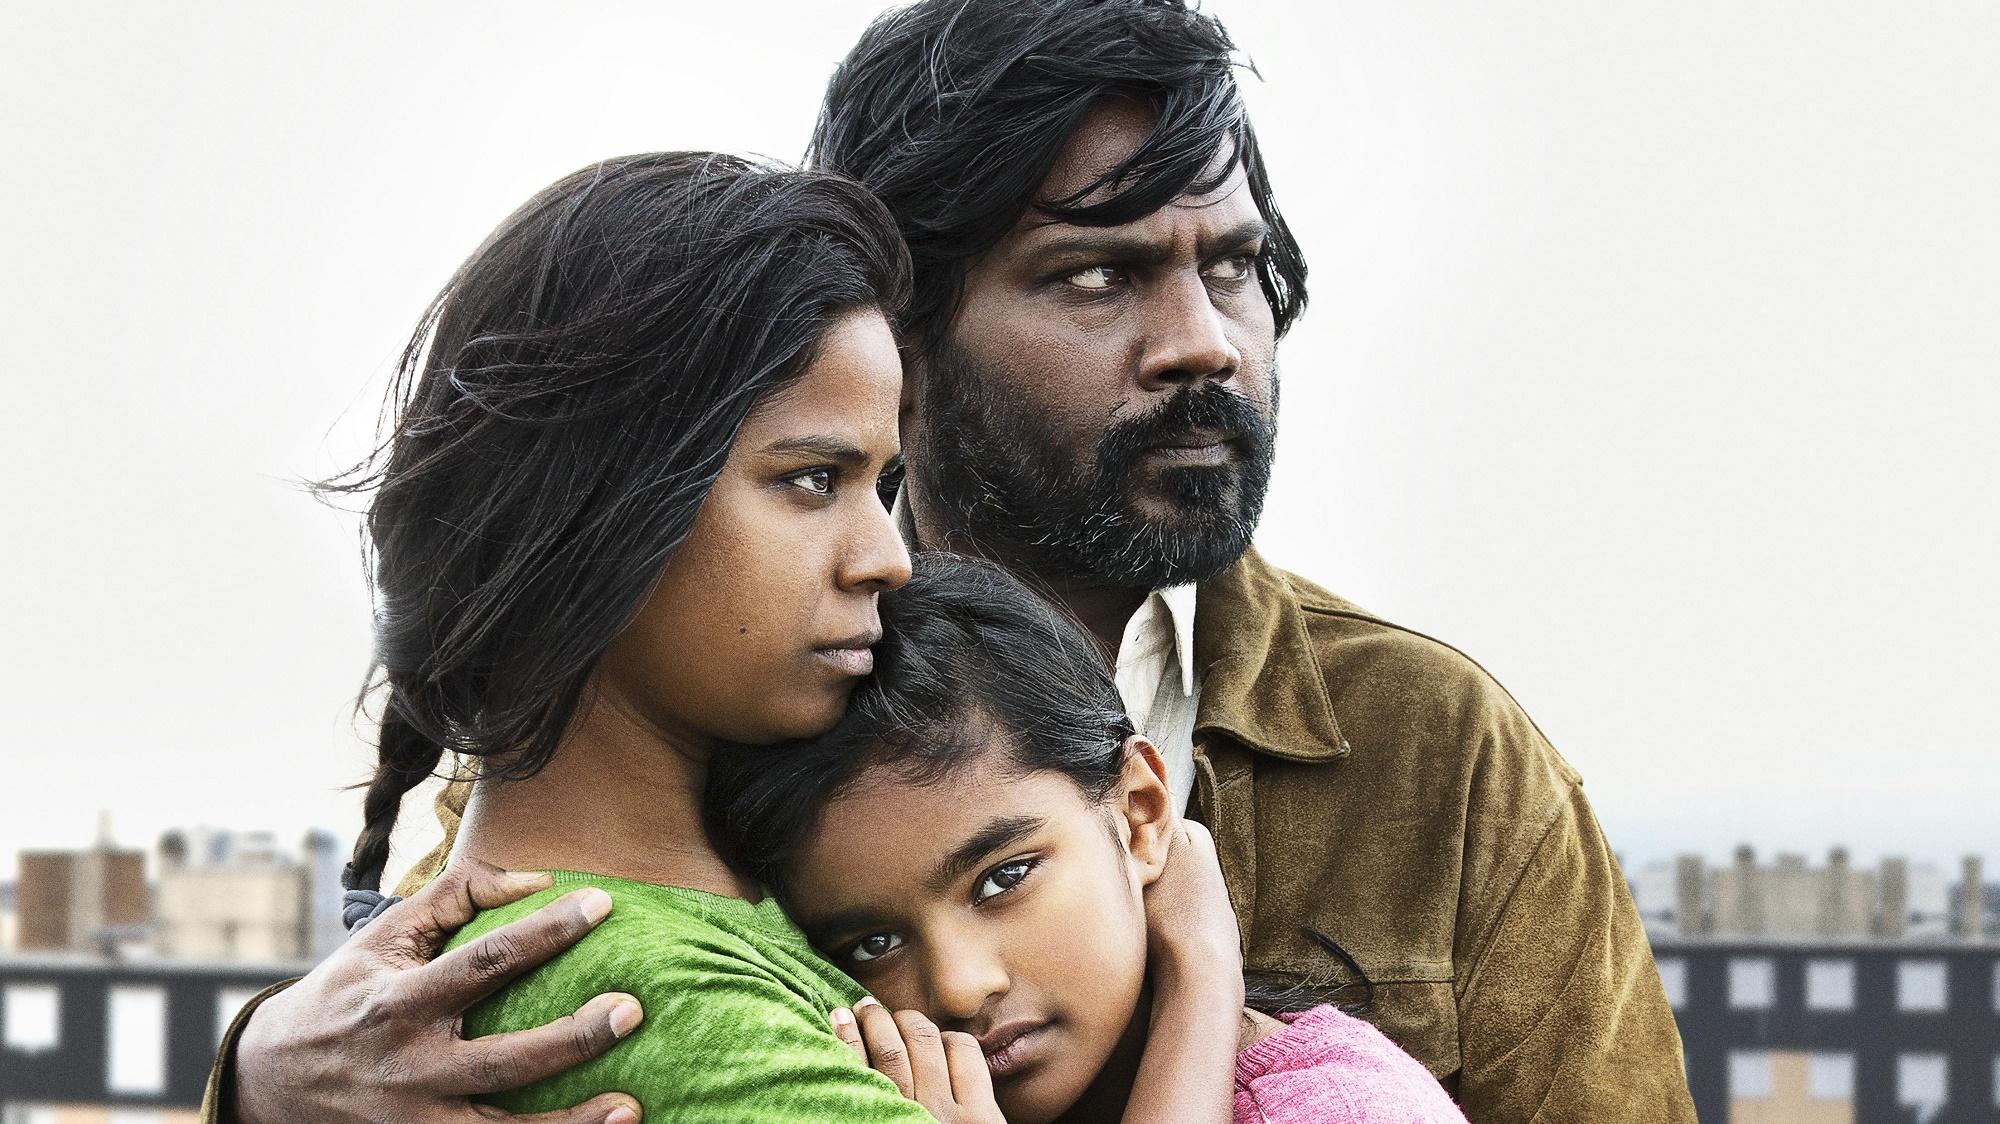 (Netflix) Dheepan (2015) Jacques Audiard